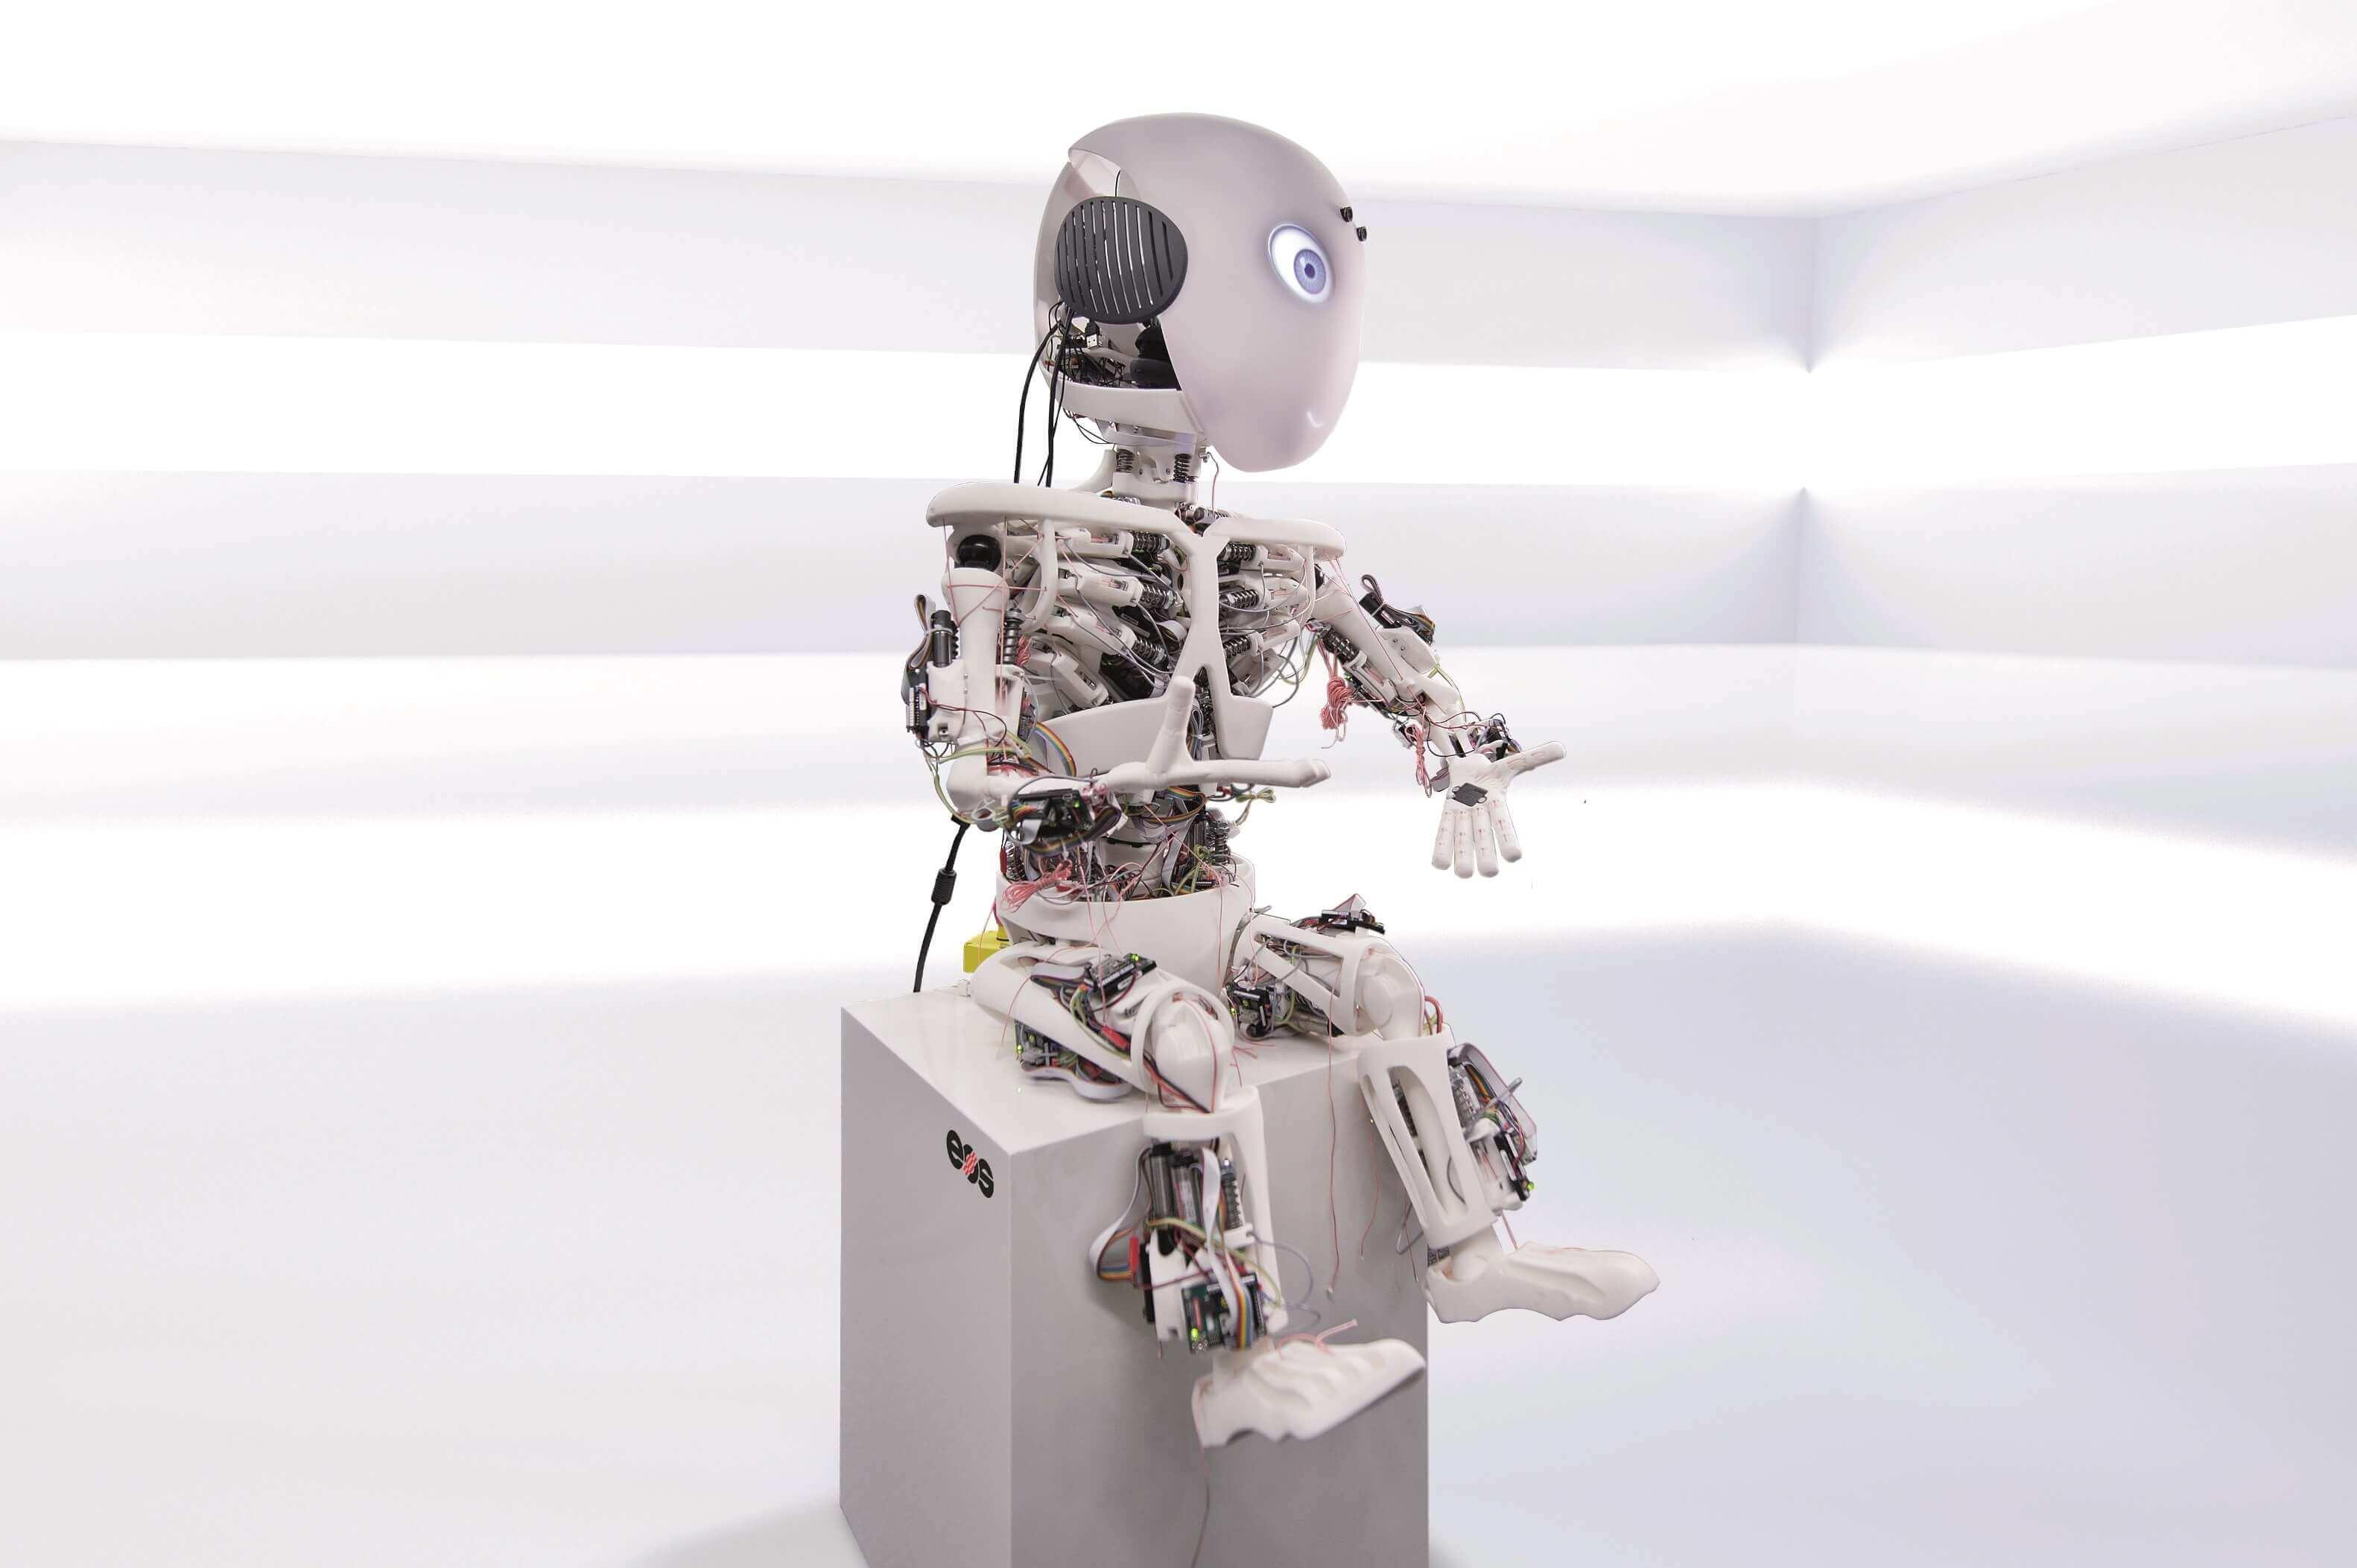 eos unterst tzt roboterprojekt roboy der tu m nchen mit 3d druck. Black Bedroom Furniture Sets. Home Design Ideas